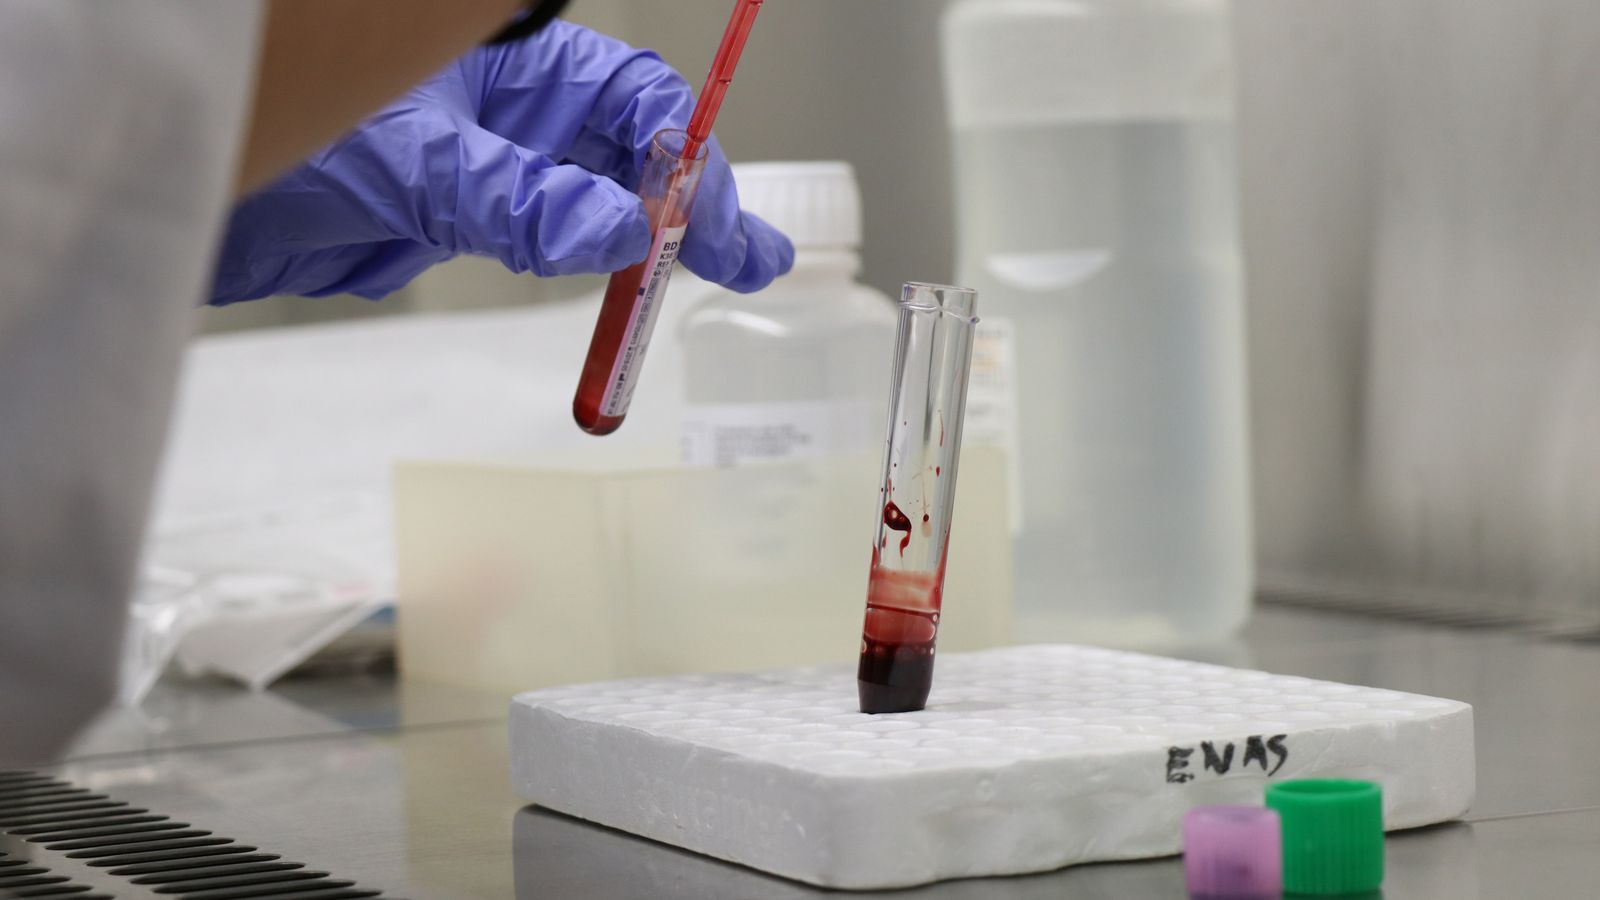 Cinc de cada deu persones de Balears són diagnosticades tard de VIH